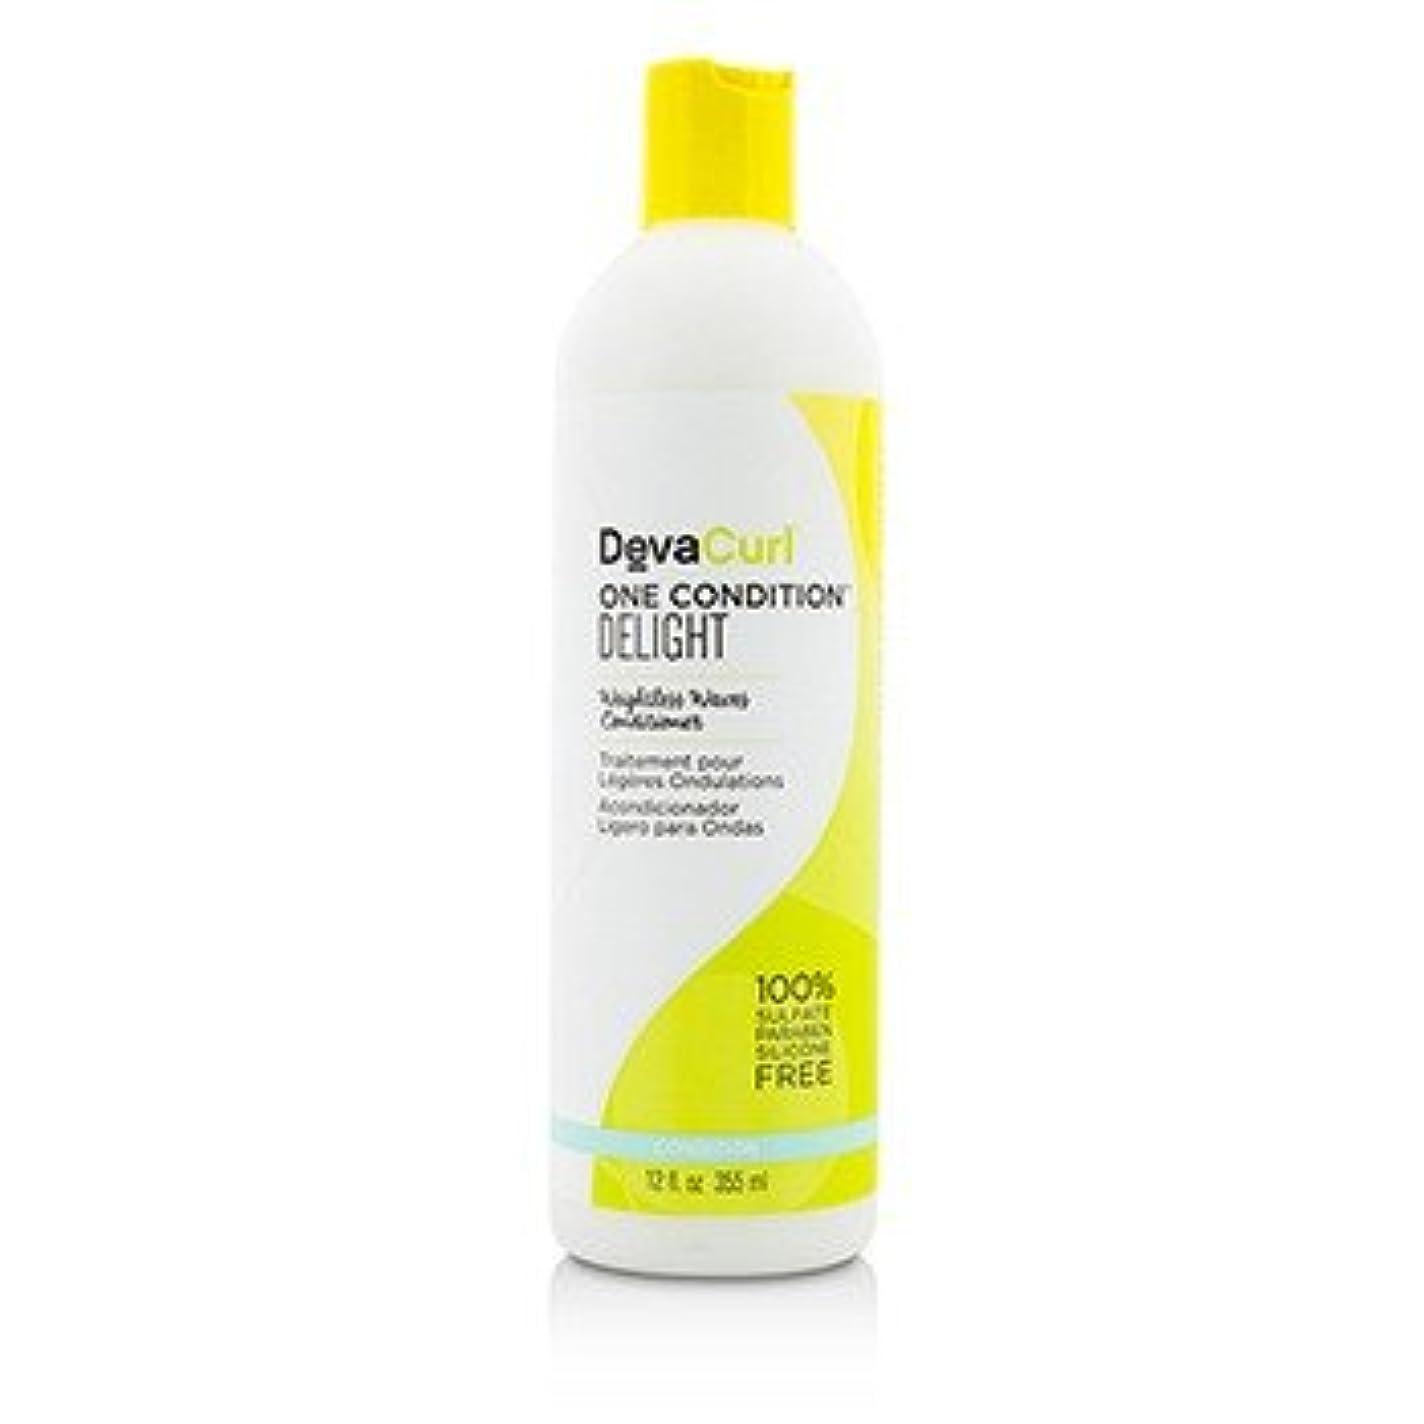 に向かって外交問題繰り返し[DevaCurl] One Condition Delight (Weightless Waves Conditioner - For Wavy Hair) 355ml/12oz